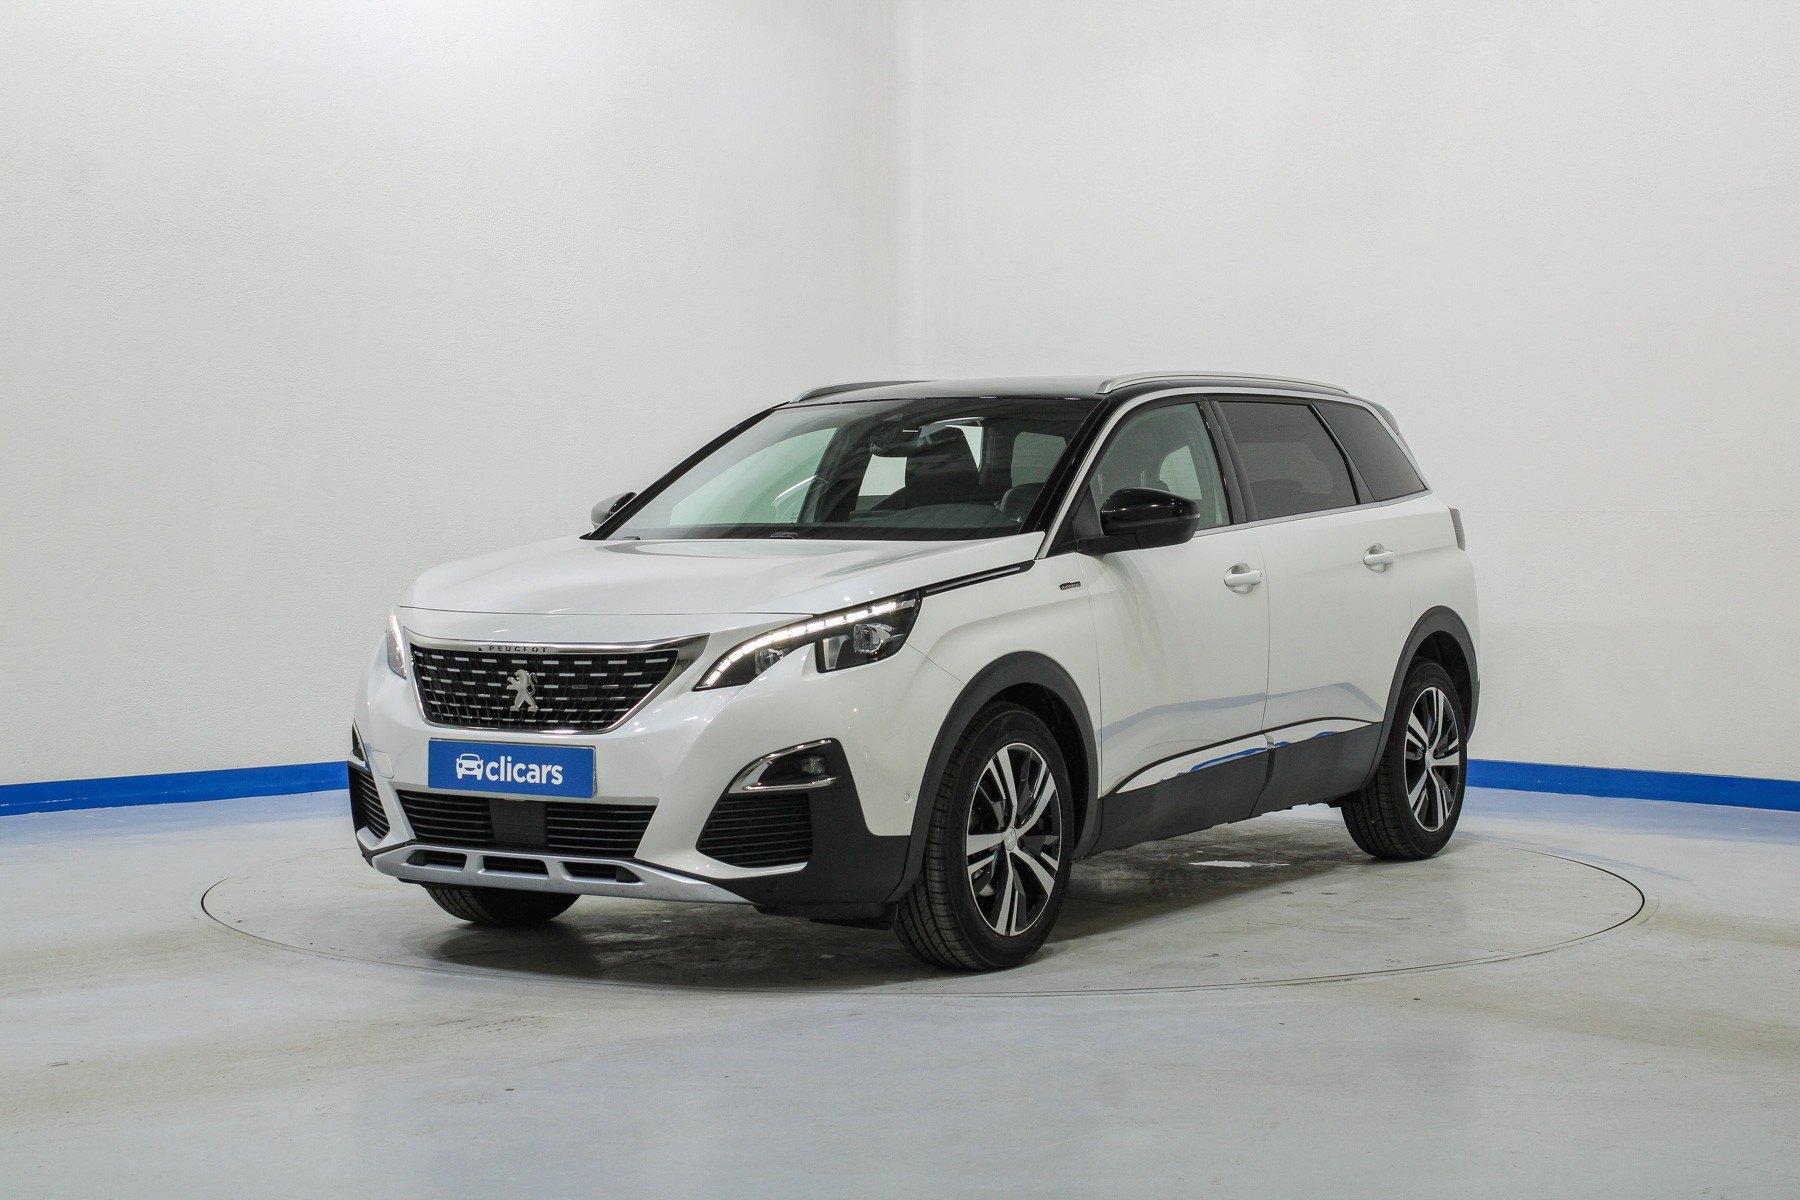 Peugeot 5008 Diésel GT-Line 2.0L BlueHDi 110kW (150CV) S&S 1